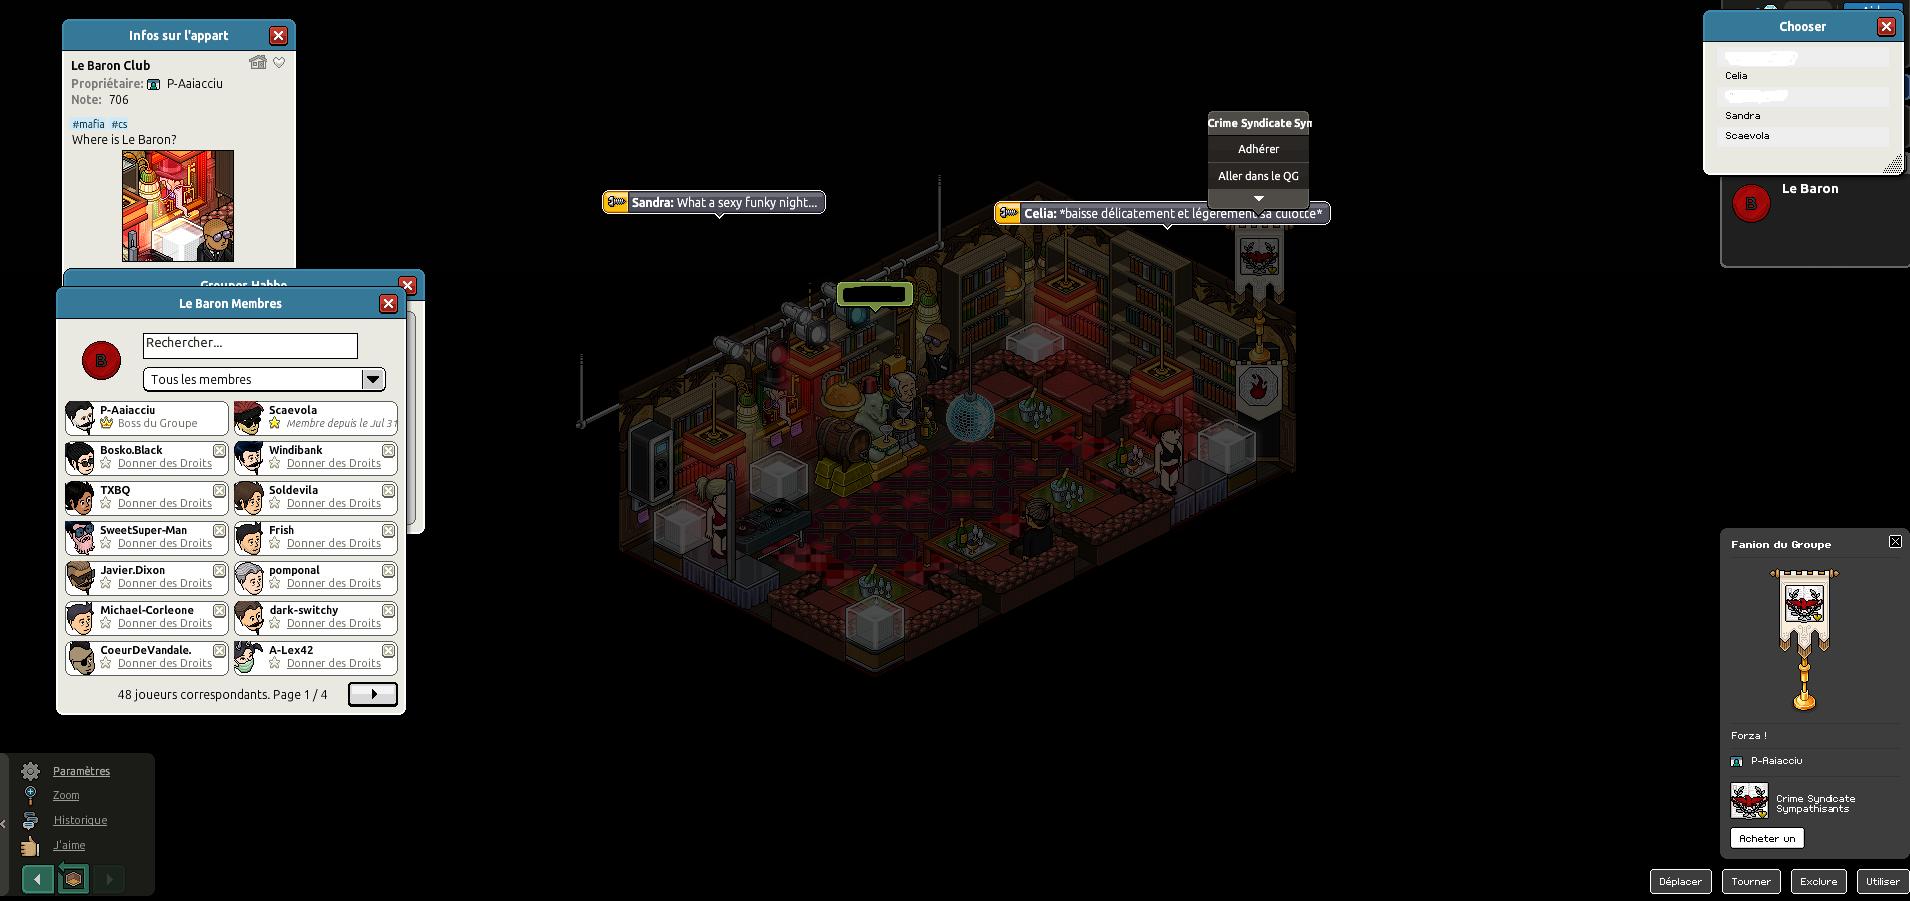 [Scaevola] Le Baron Club [Crime Syndicate] [31-07-15] 150731093245795145